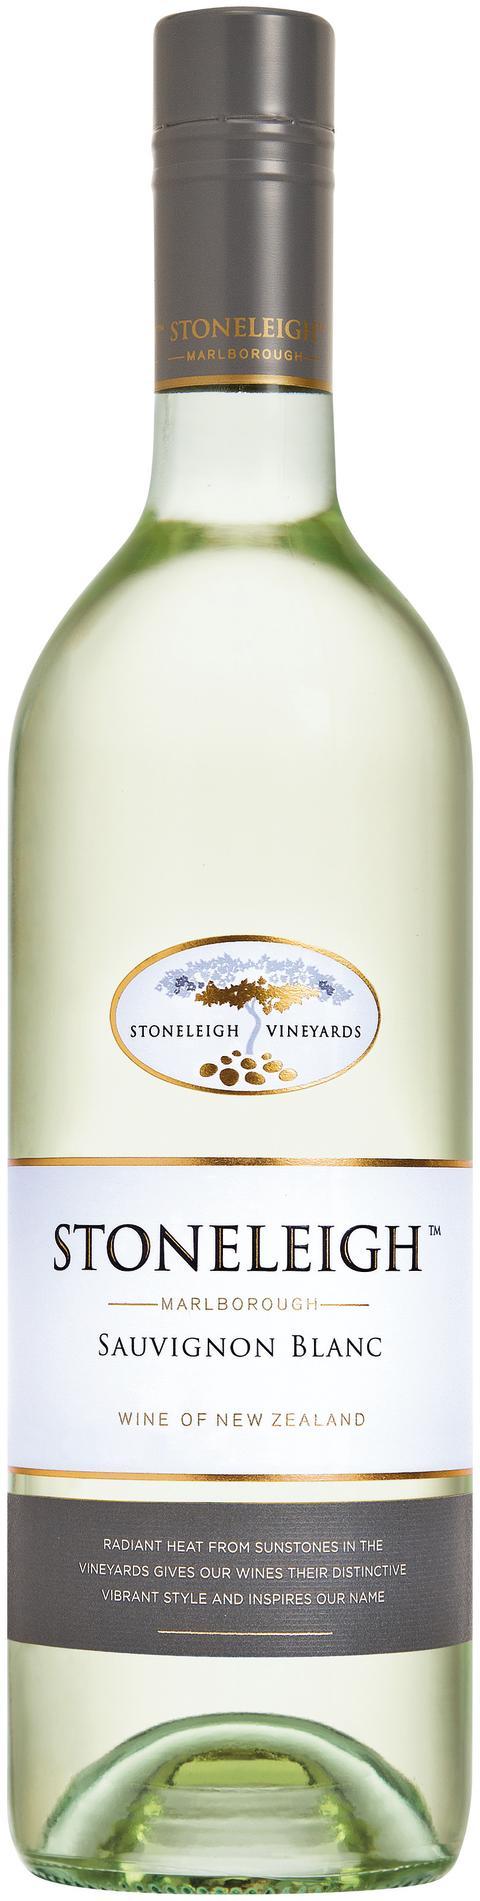 Stoneleigh vinner guld på Concours Mondial du Sauvignon 2013